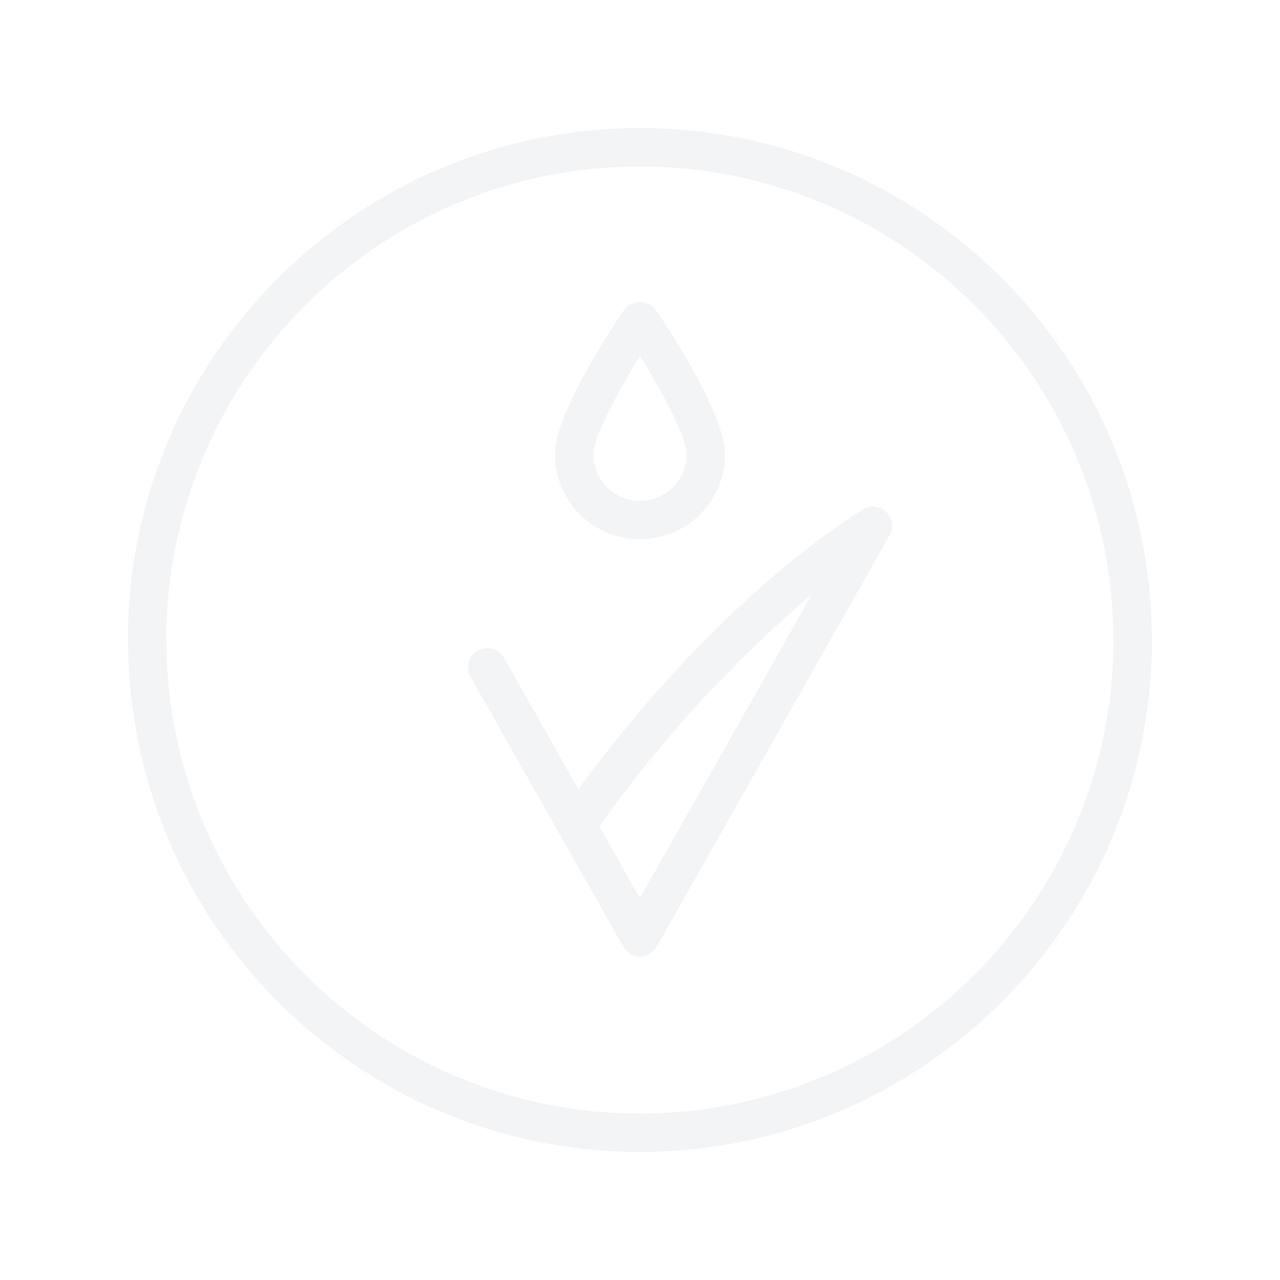 DR IRENA ERIS Neometric Contour Rejuvenating Day Cream SPF20 50ml